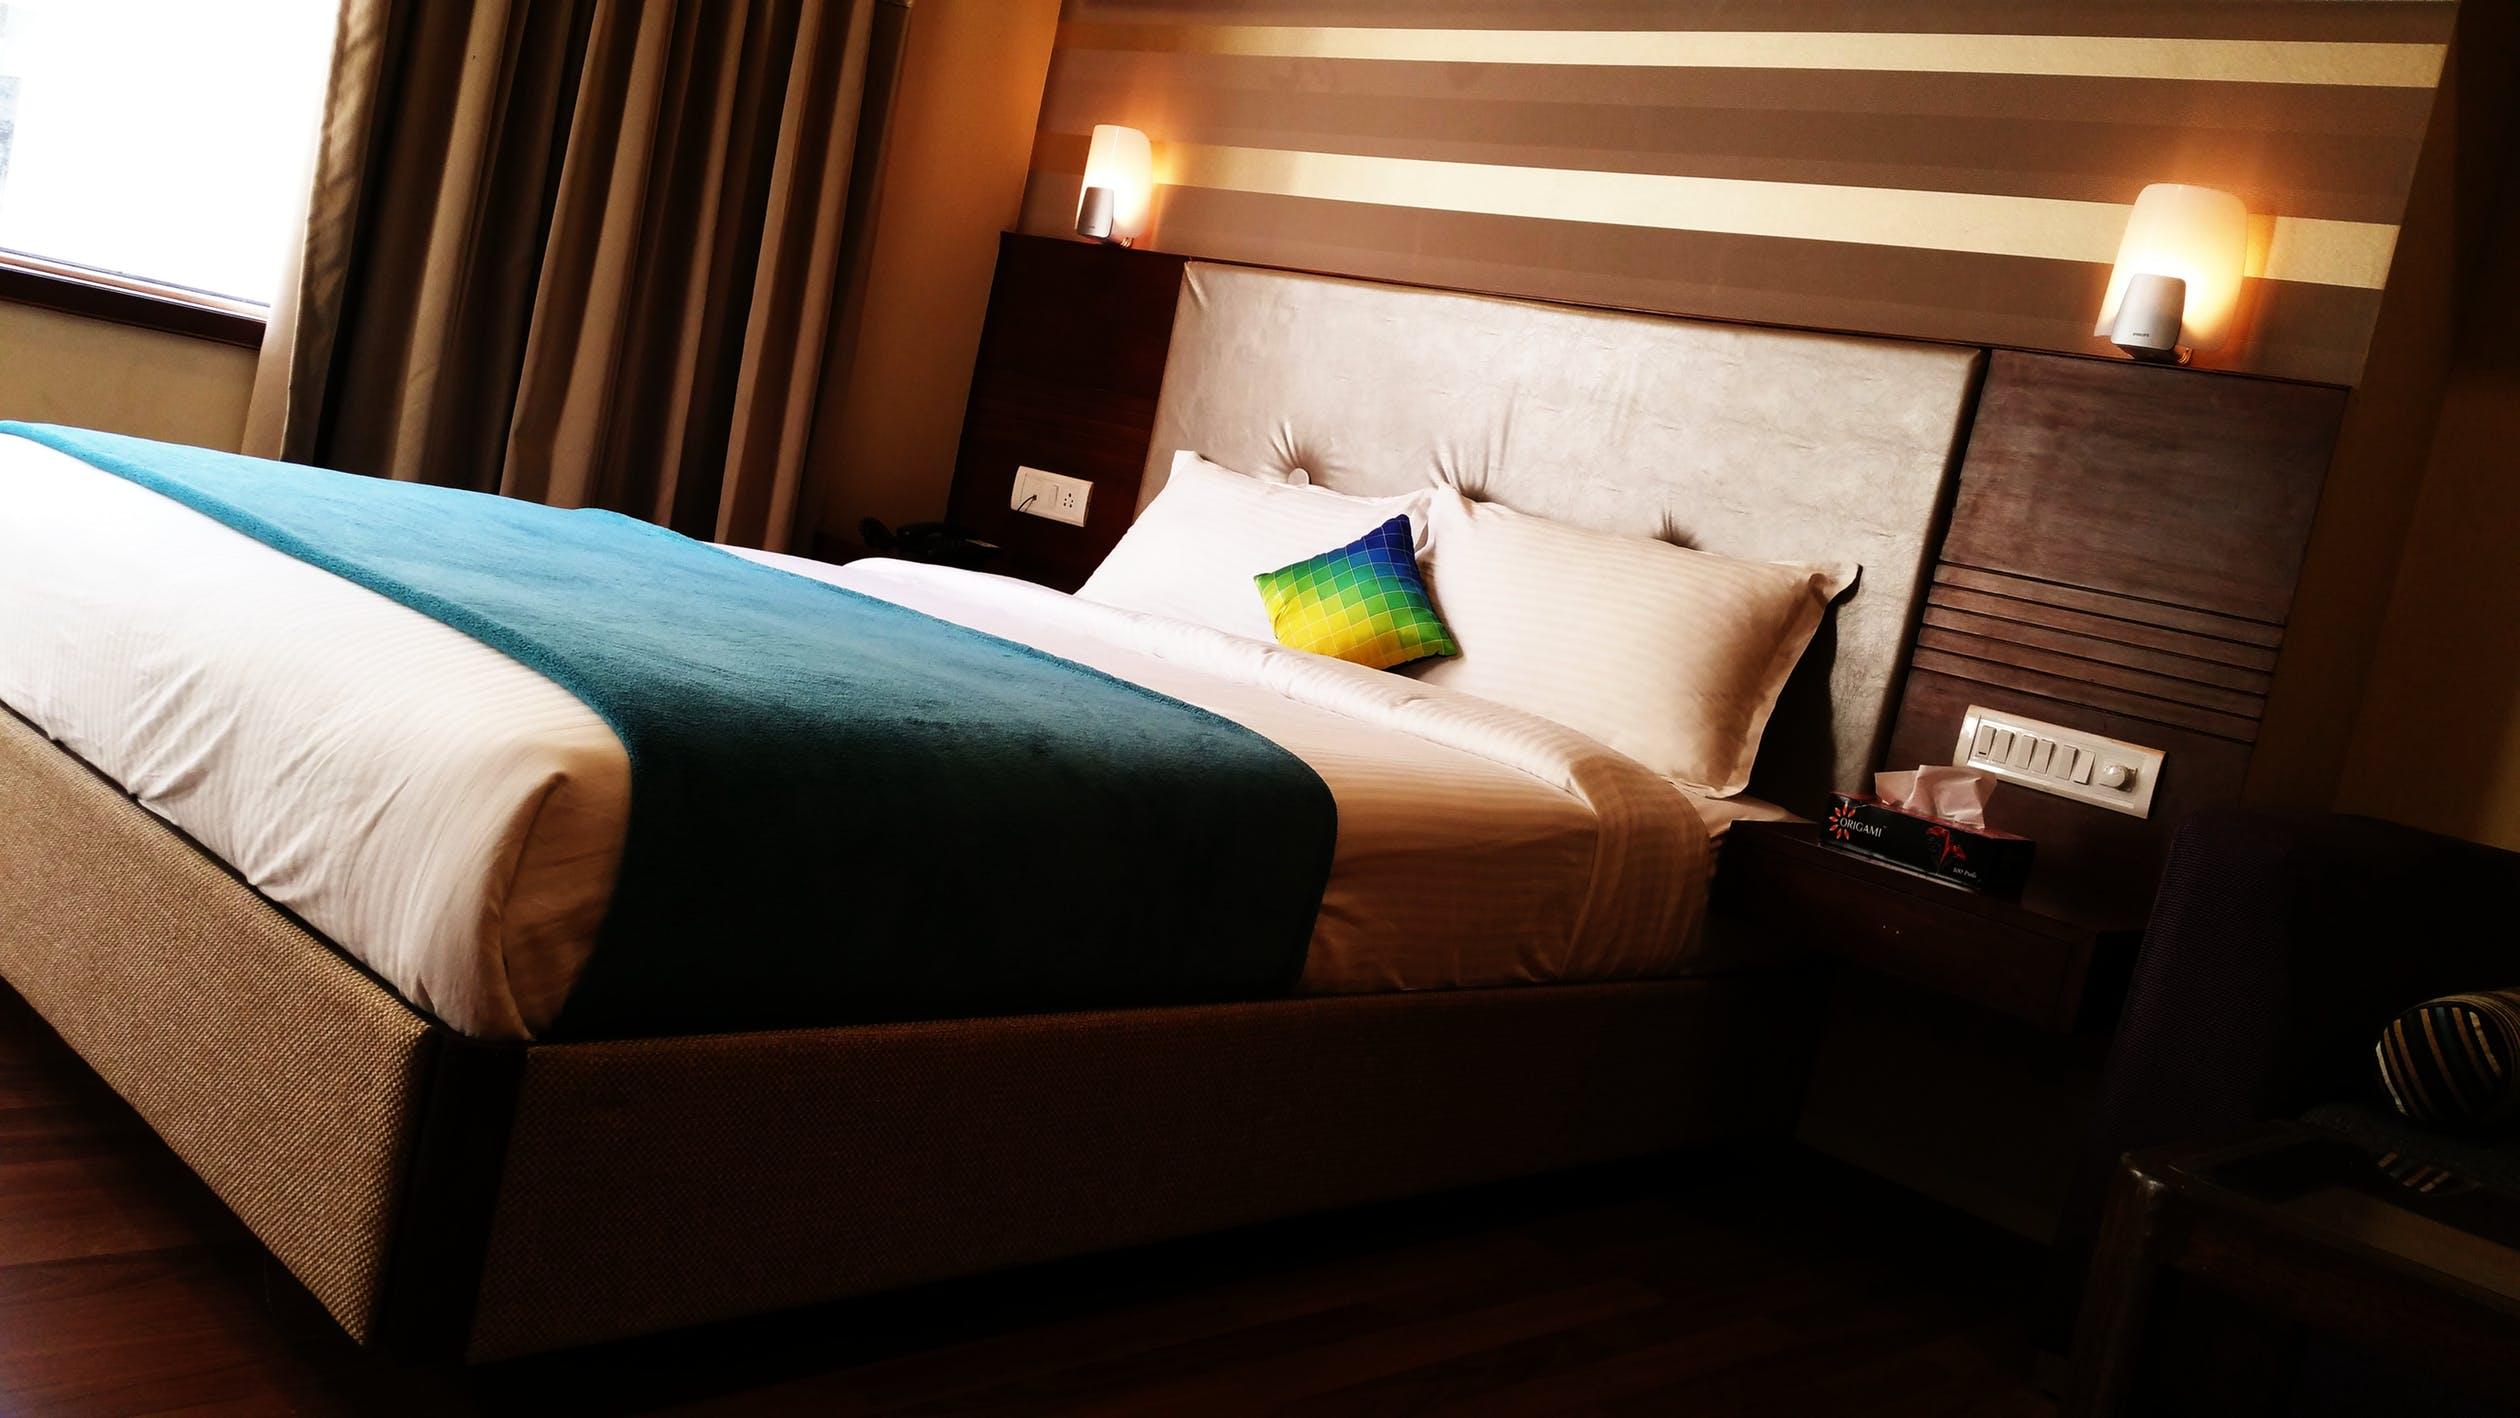 Kinkiety Nad łóżkiem W Sypialni Na Jakiej Wysokości